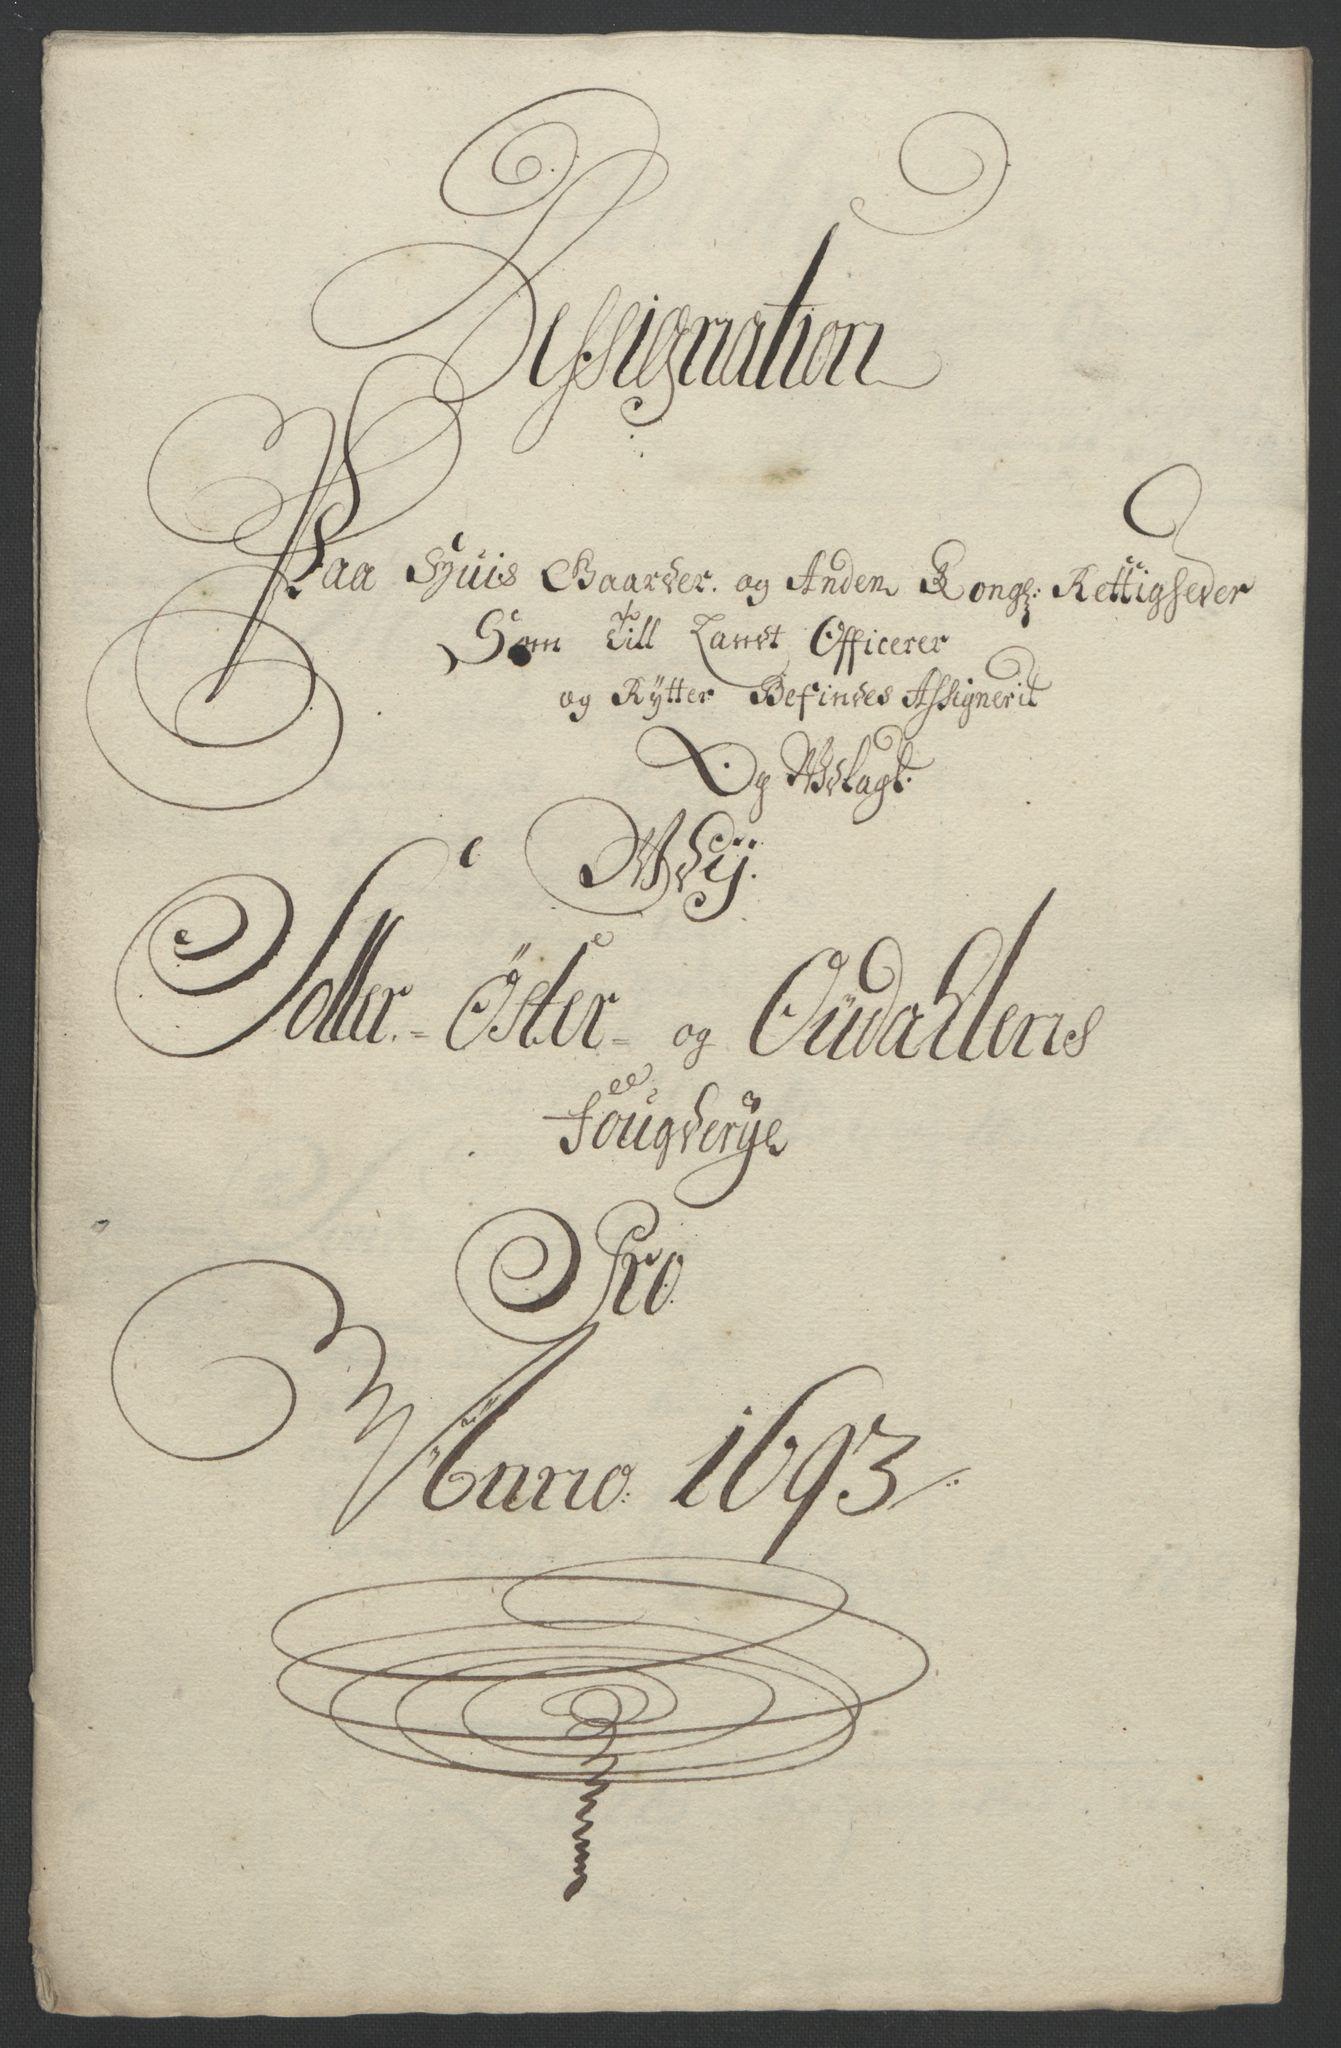 RA, Rentekammeret inntil 1814, Reviderte regnskaper, Fogderegnskap, R13/L0831: Fogderegnskap Solør, Odal og Østerdal, 1693, s. 253